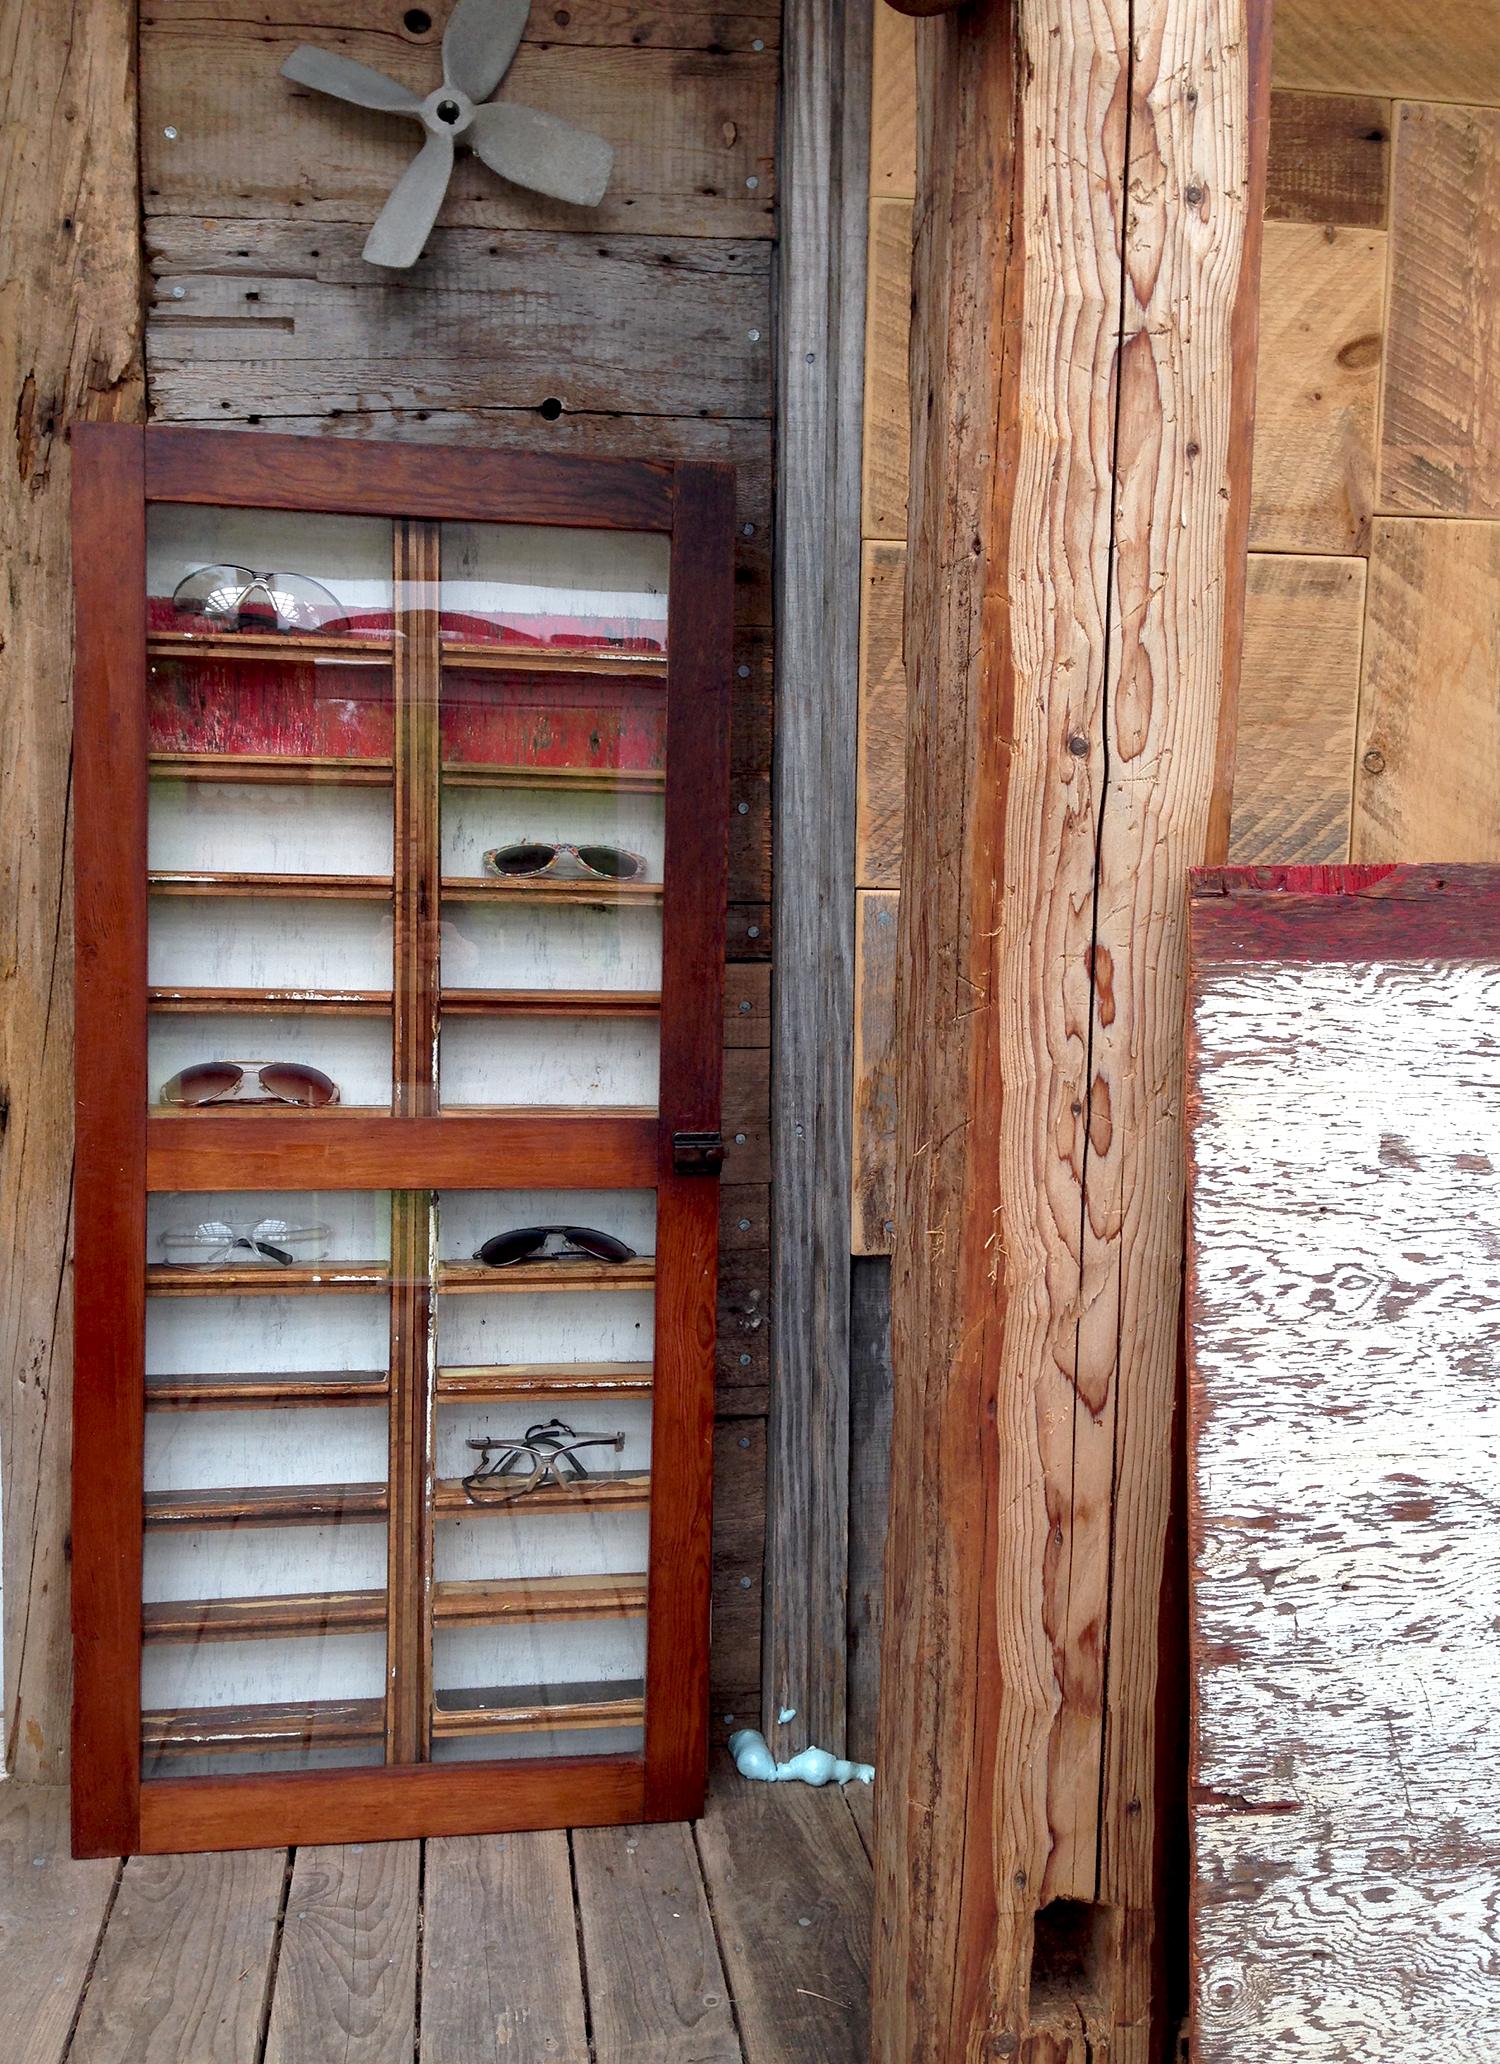 Eyeglasses Display Case